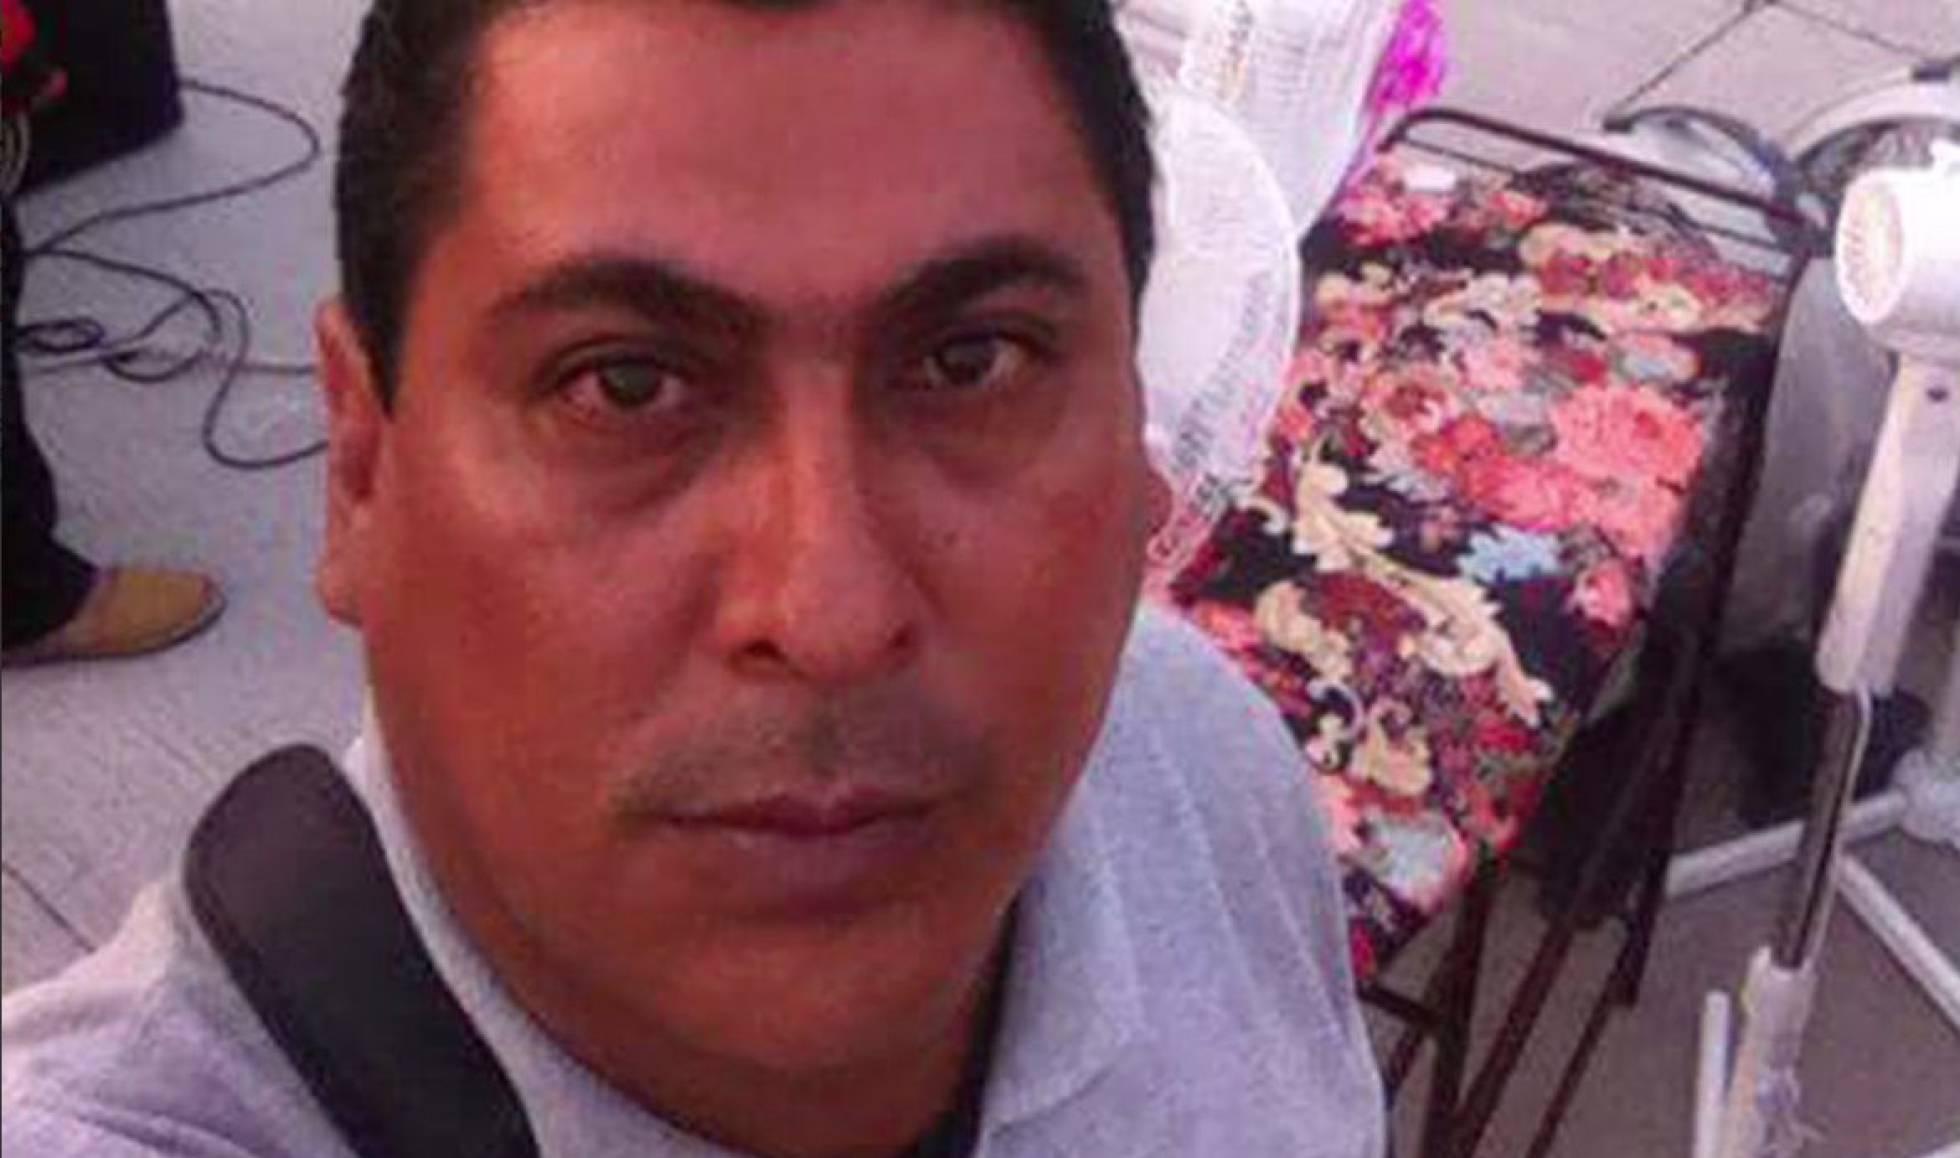 Hallados los restos de Salvador Adame, el séptimo periodista asesinado este año en México